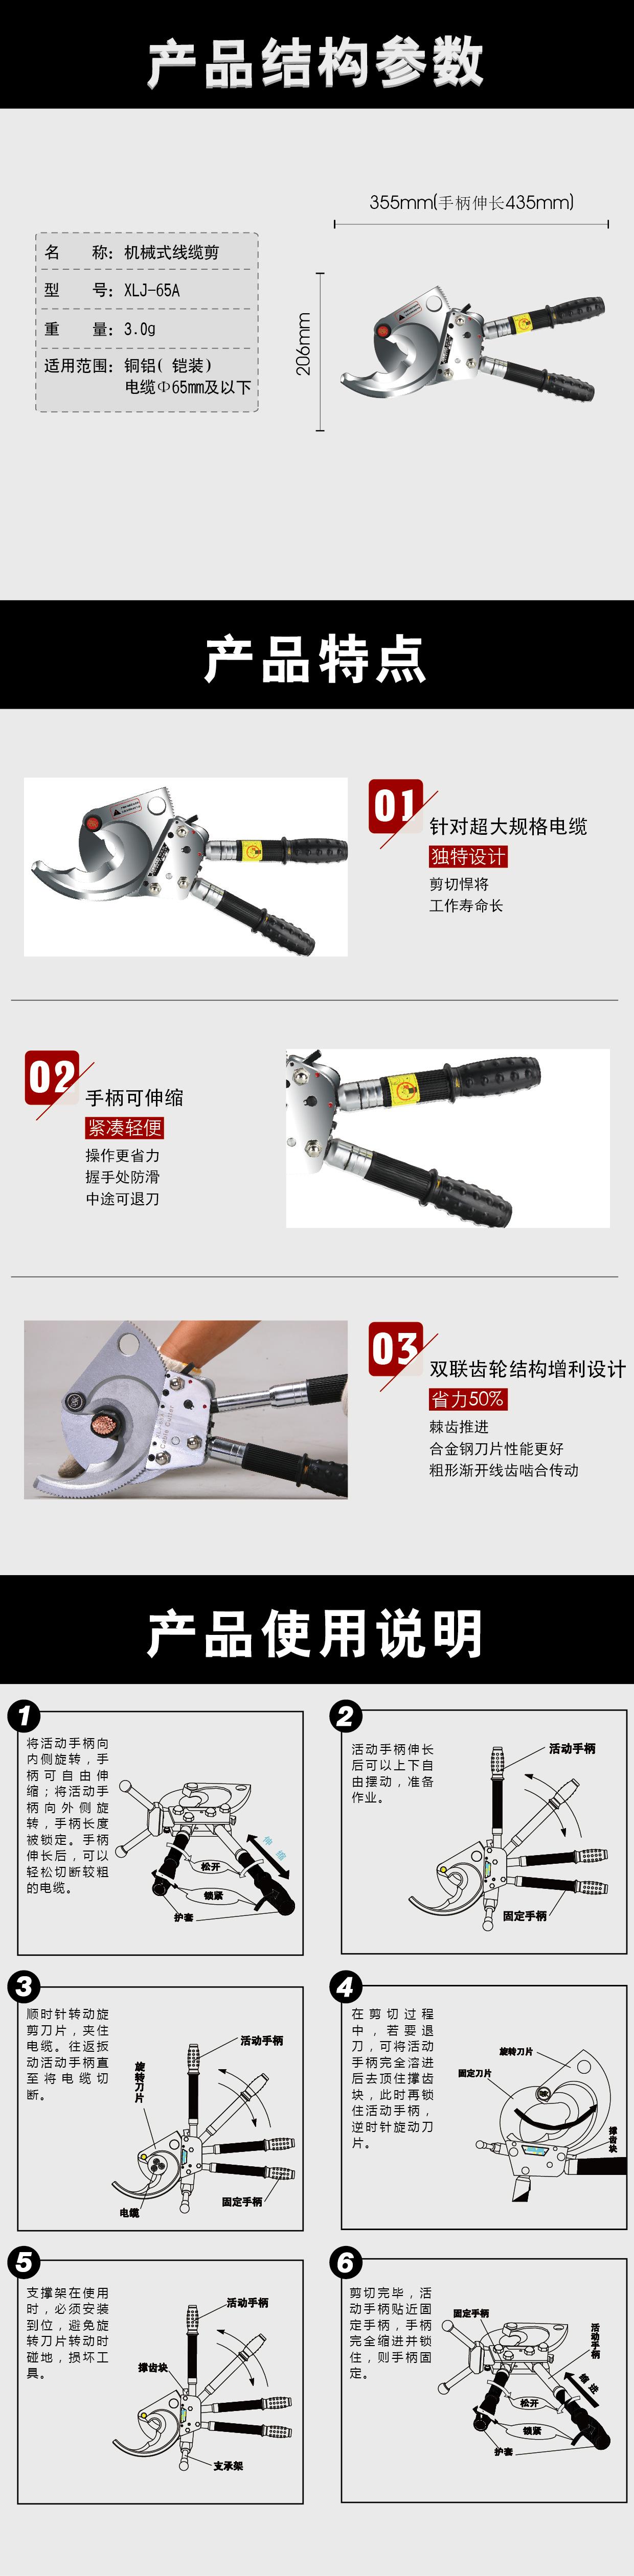 德克电力工具